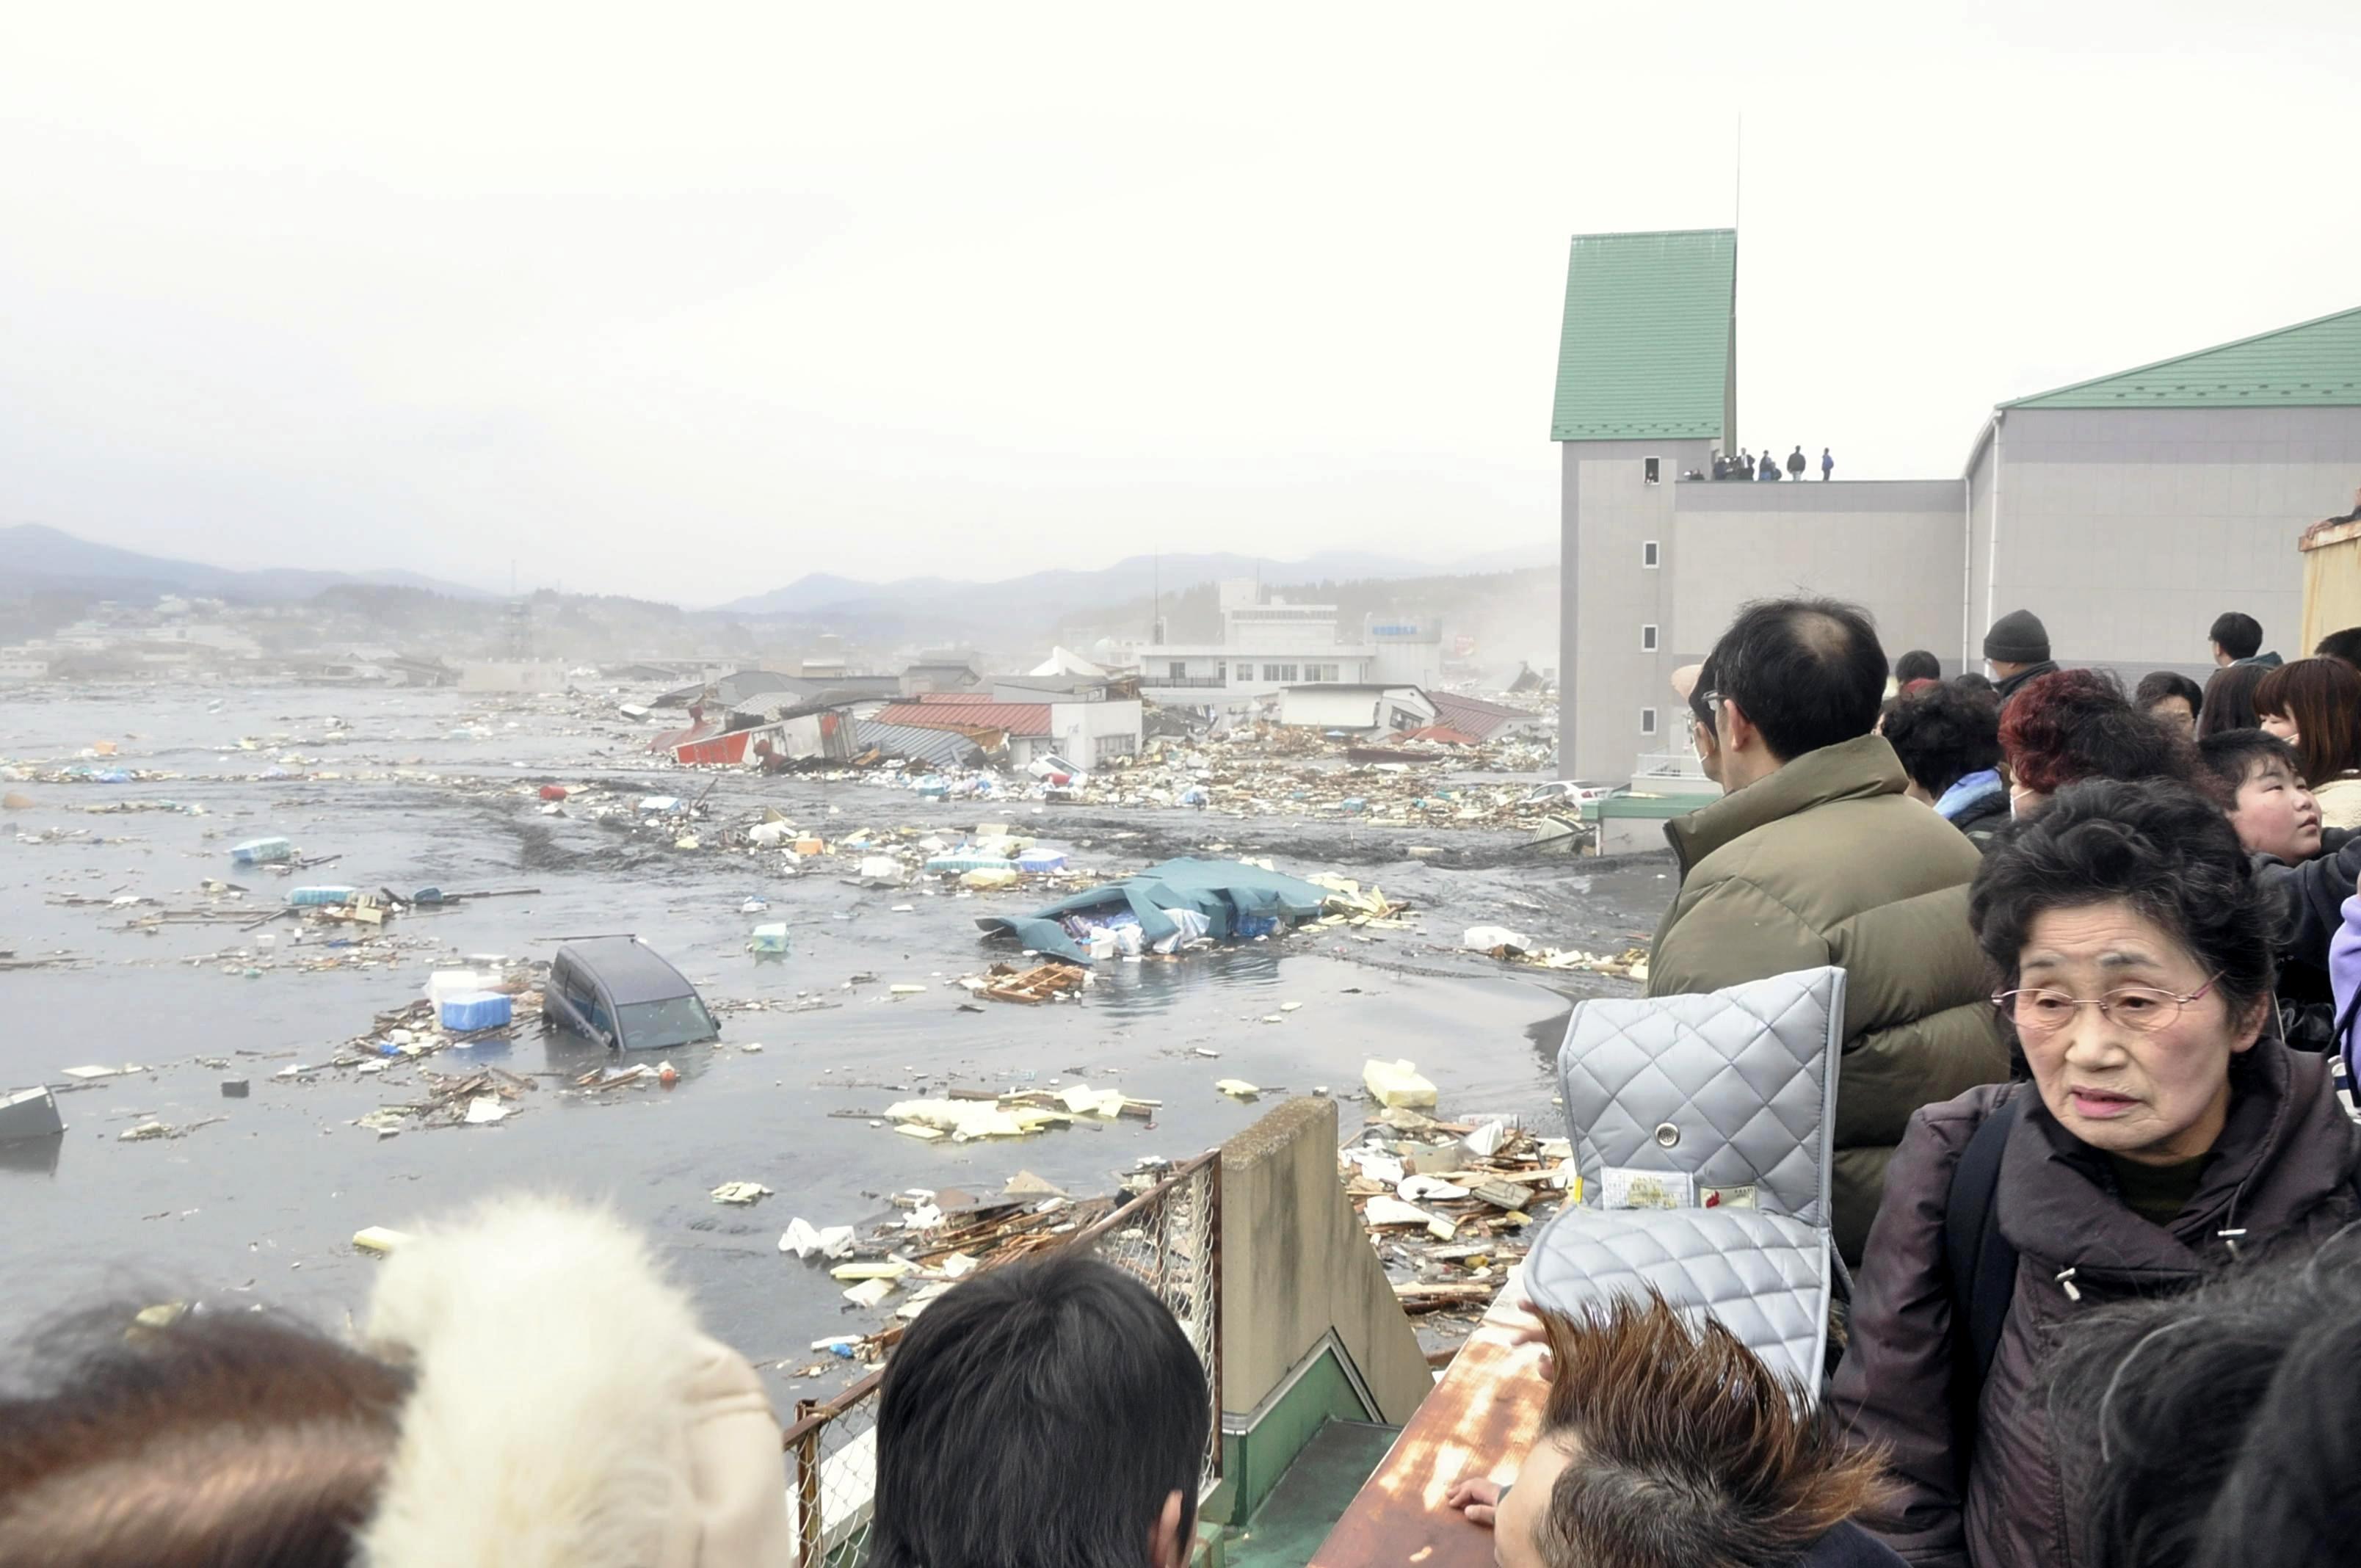 Πως να πιστέψεις τέτοια καταστροφή; - ΦΩΤΟ REUTERS